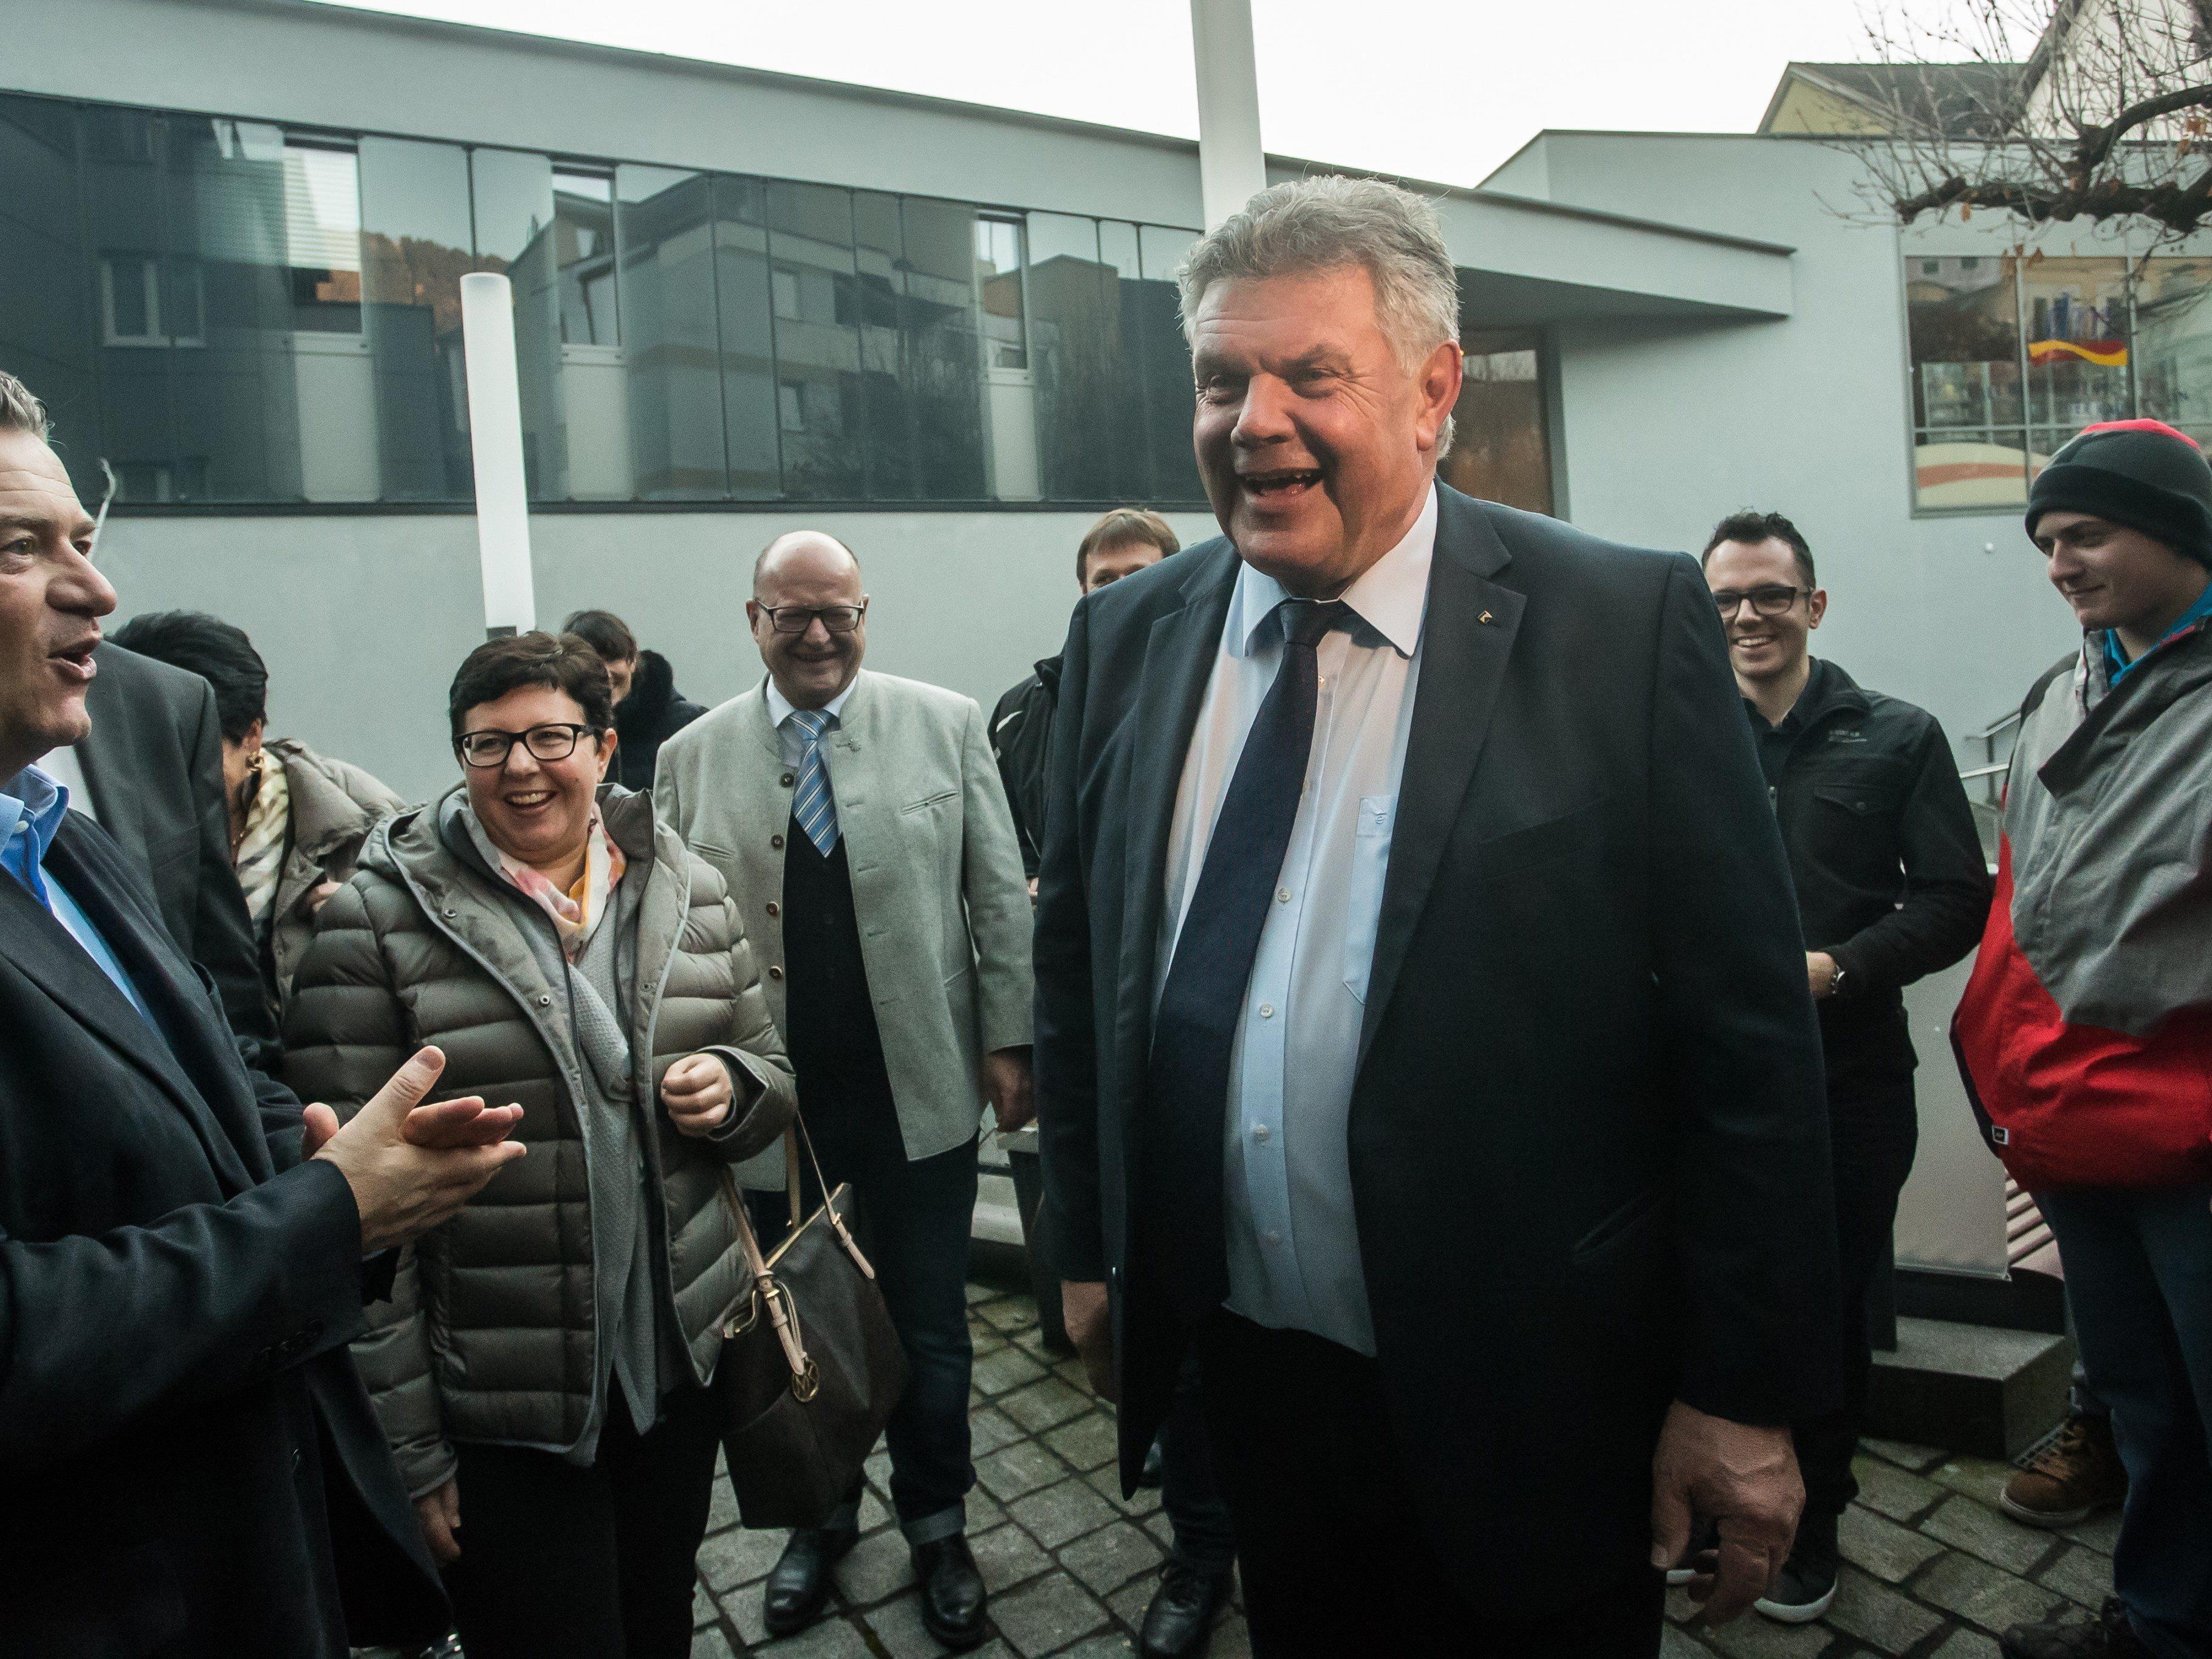 Amtsinhaber Katzenmayer gewann Stichwahl-Wiederholung mit 566 Stimmen Vorsprung gegenüber Leiter.